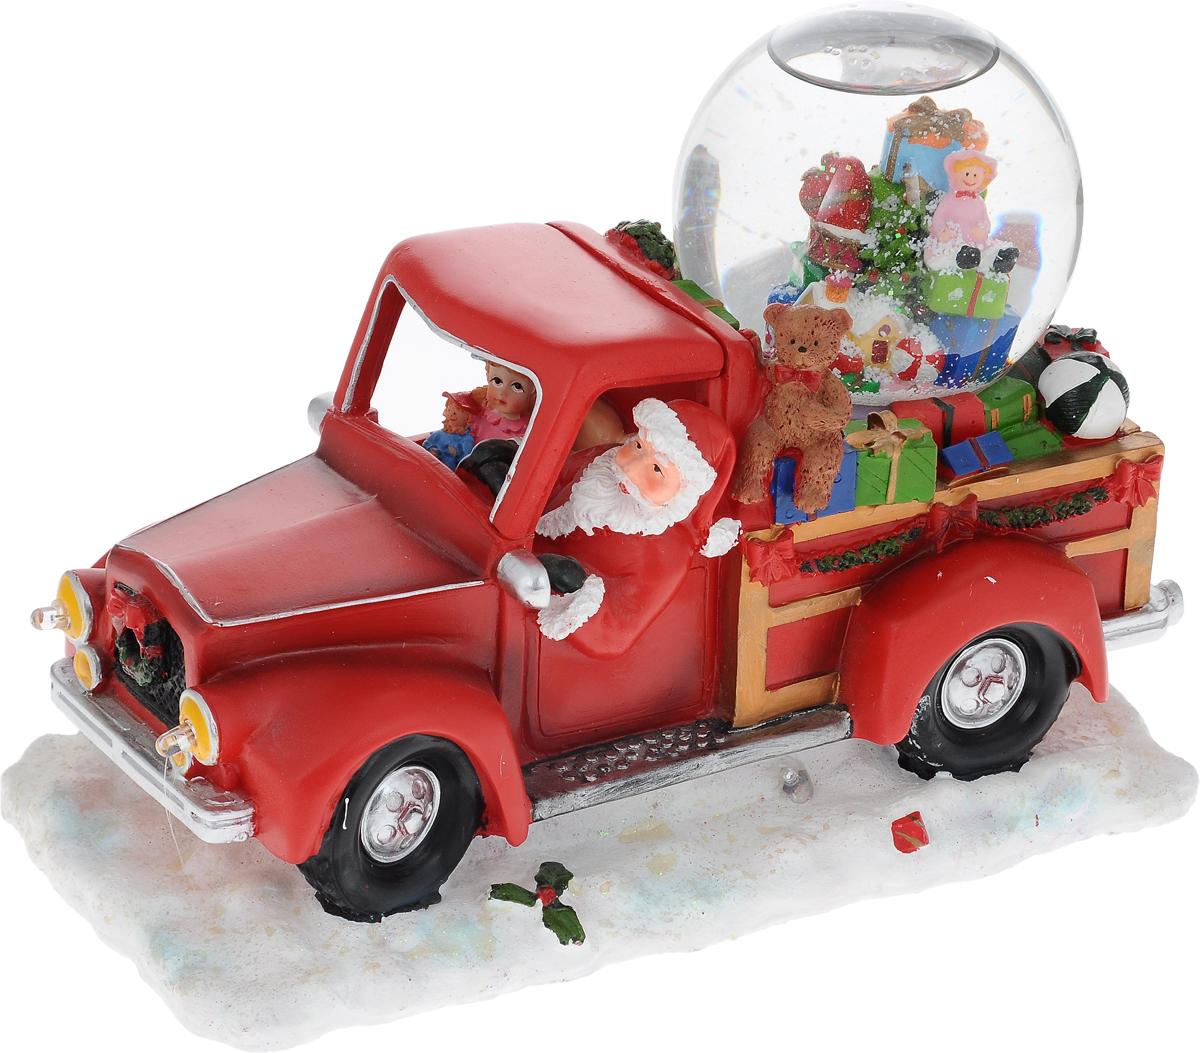 Украшение новогоднее декоративное Win Max Дед Мороз, с водяным шаром, музыкальное119228Украшение новогоднее декоративное Win Max Дед Мороз прекрасно подойдет для праздничного декора вашего дома. Изделие выполнено из полистоуна в виде красного грузовика с подарками, за рулем которого Дед Мороз. Украшение дополнено водяным шаром с безопасной нетоксичной жидкостью внутри. Если включить тумблер с задней стороны машинки, то зазвучит мелодия Jingle Bells, загорятся разноцветные лампочки, и снежинки в водяном шаре придут в движение. Новогодние украшения несут в себе волшебство и красоту праздника. Они помогут вам украсить дом к предстоящим праздникам и оживить интерьер. Создайте в доме атмосферу тепла, веселья и радости, украшая его всей семьей. Кроме того, такая фигурка станет приятным подарком, который надолго сохранит память этого волшебного времени года. Украшение работает от 3 батареек типа АА (в комплект не входят). Диаметр водяного шара: 9 см.